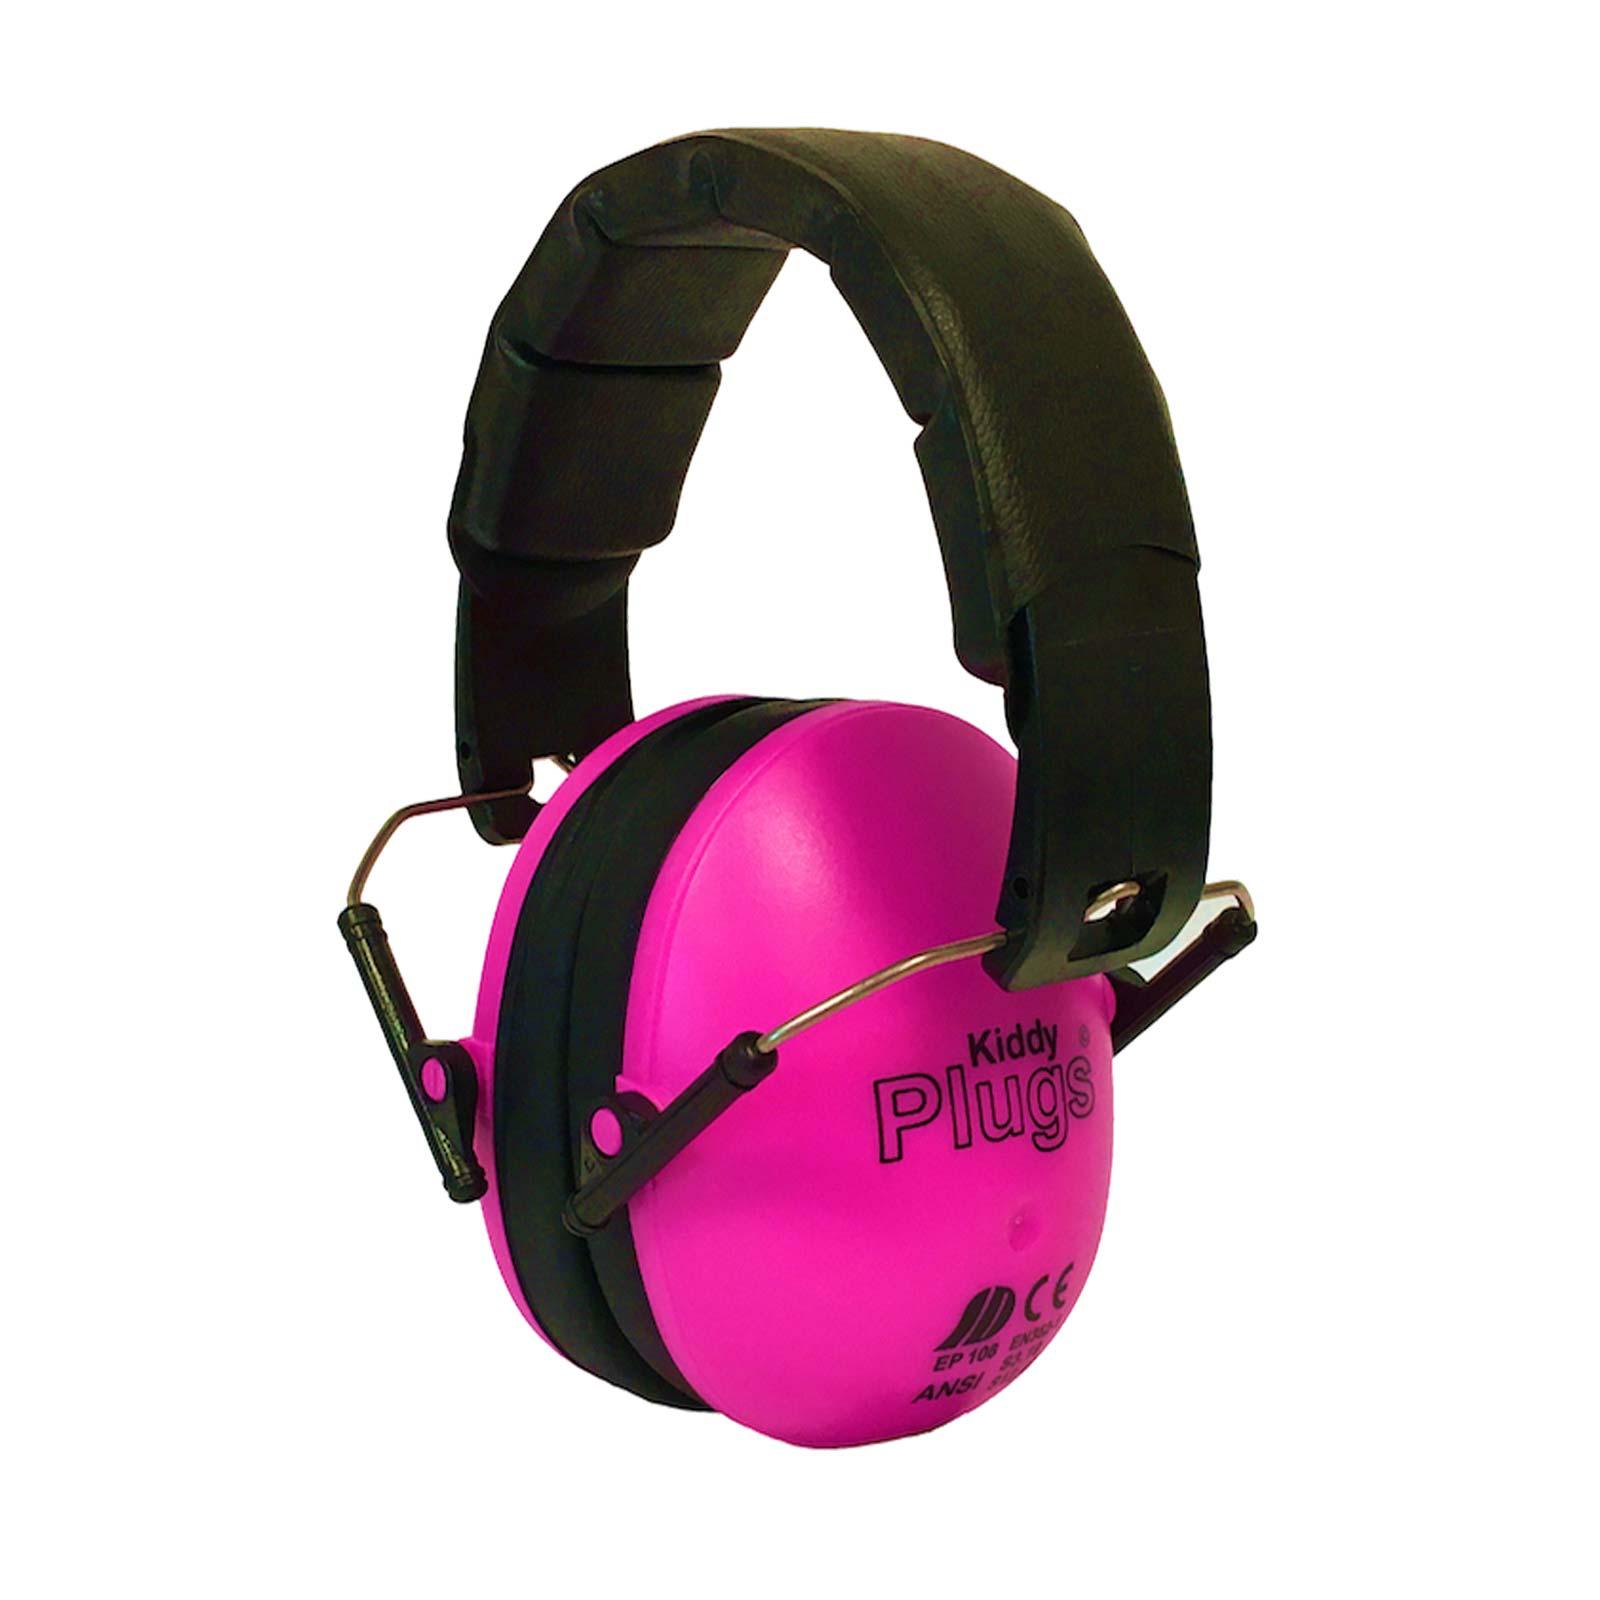 KiddyPlugs Kinder - Baby Kapselgehörschutz, Lärmschutz Kopfhörer, Ohrenschützer - schadstoffarm - faltbar größenverstellbar - sehr weich